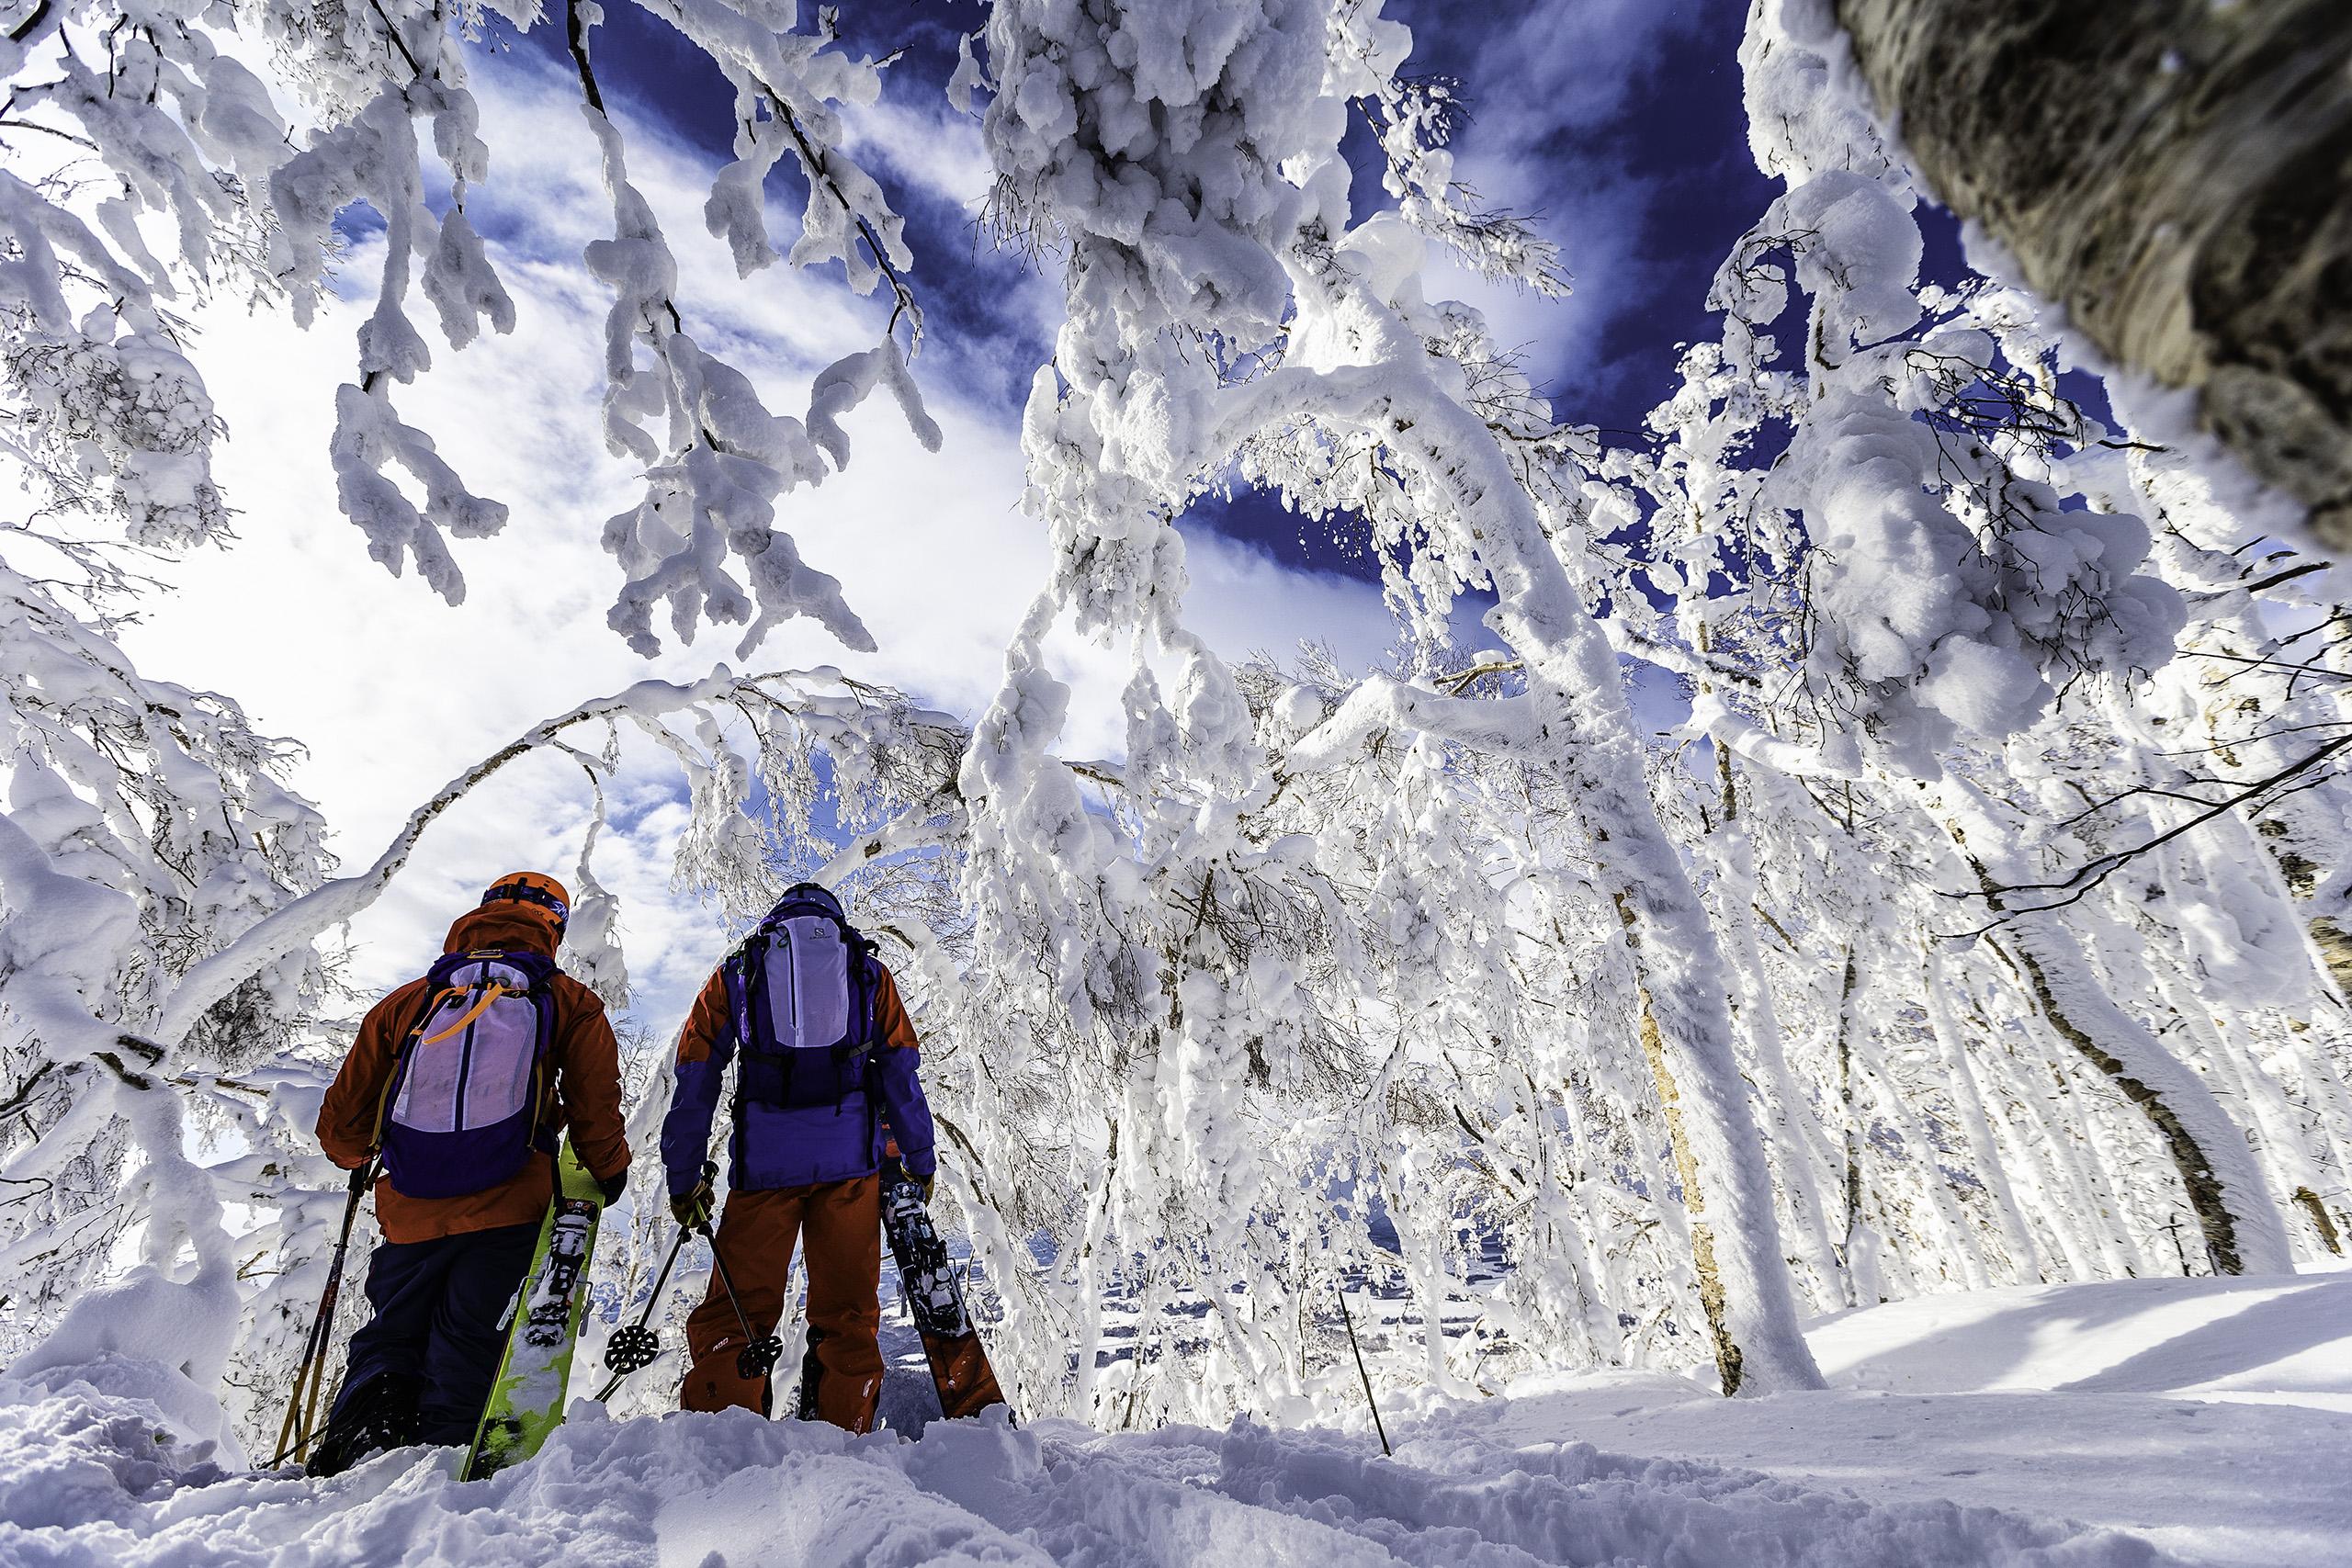 skiing at Rusutsu